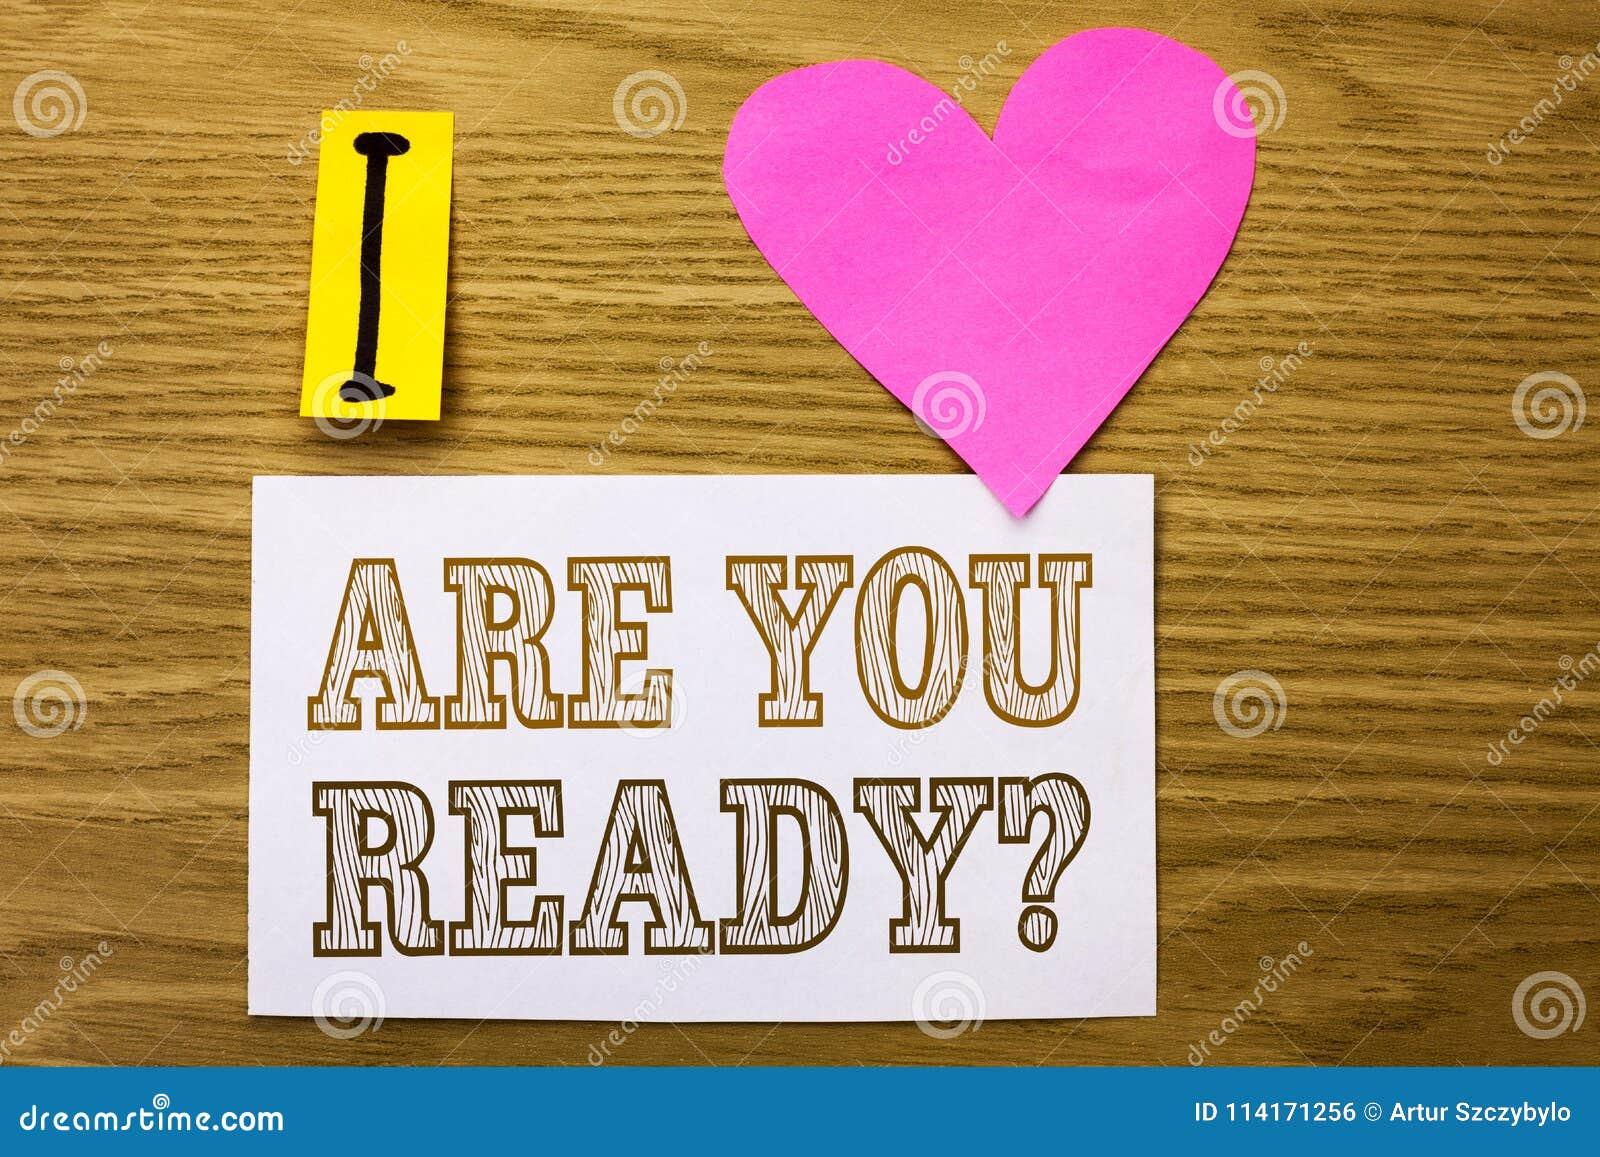 Ordhandstiltext är dig ordnar till fråga Affärsidéen för är förberett motiverat varnat medvetent skriftligt för beredskap på klib